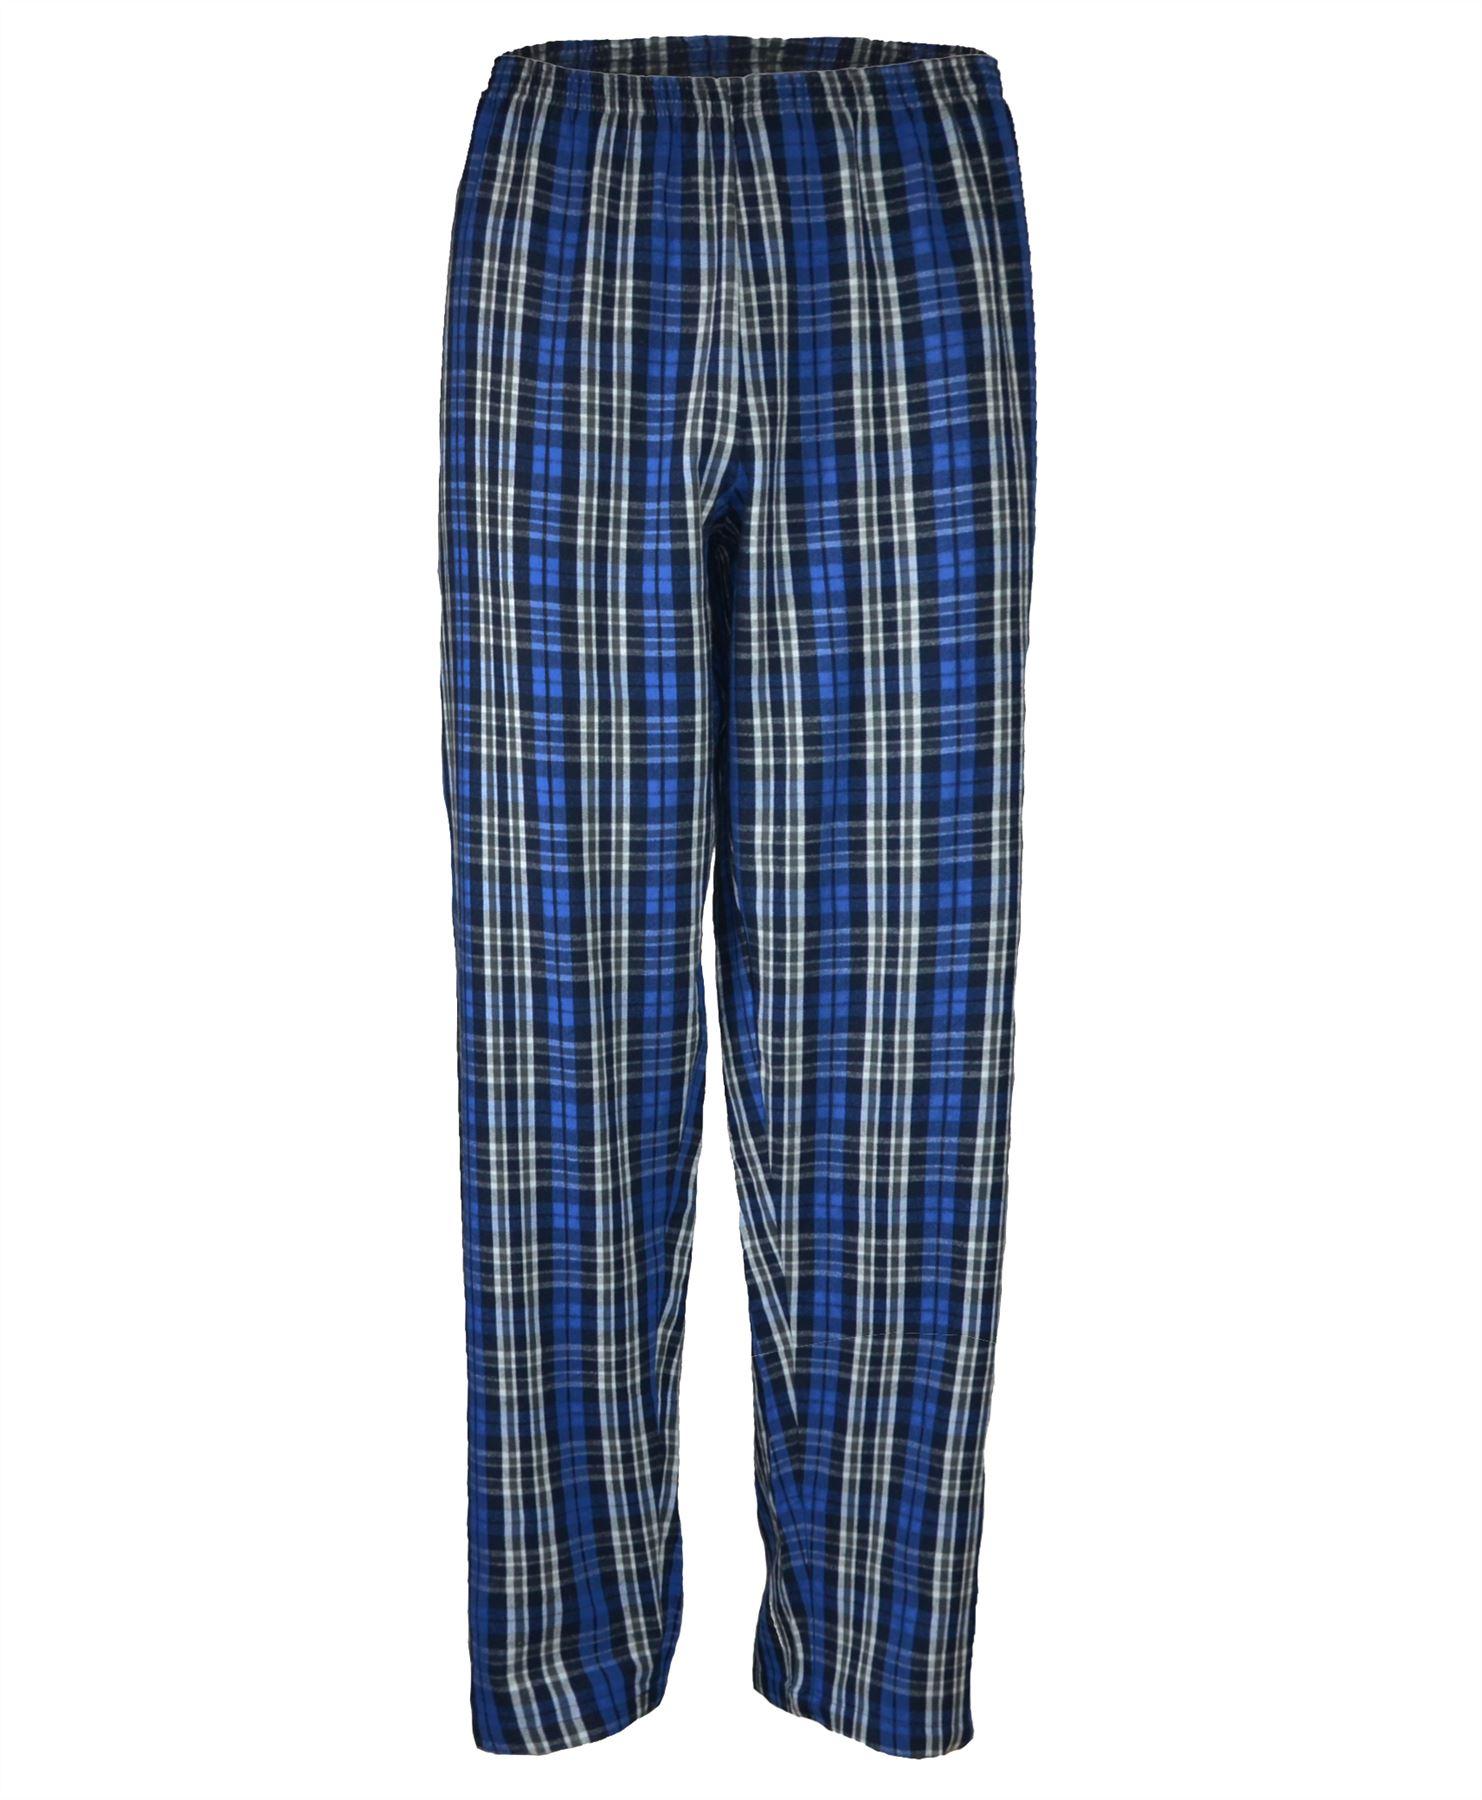 Homme coton carreaux tartan pyjama bottoms pants nightwear for Pantalon homme a carreaux